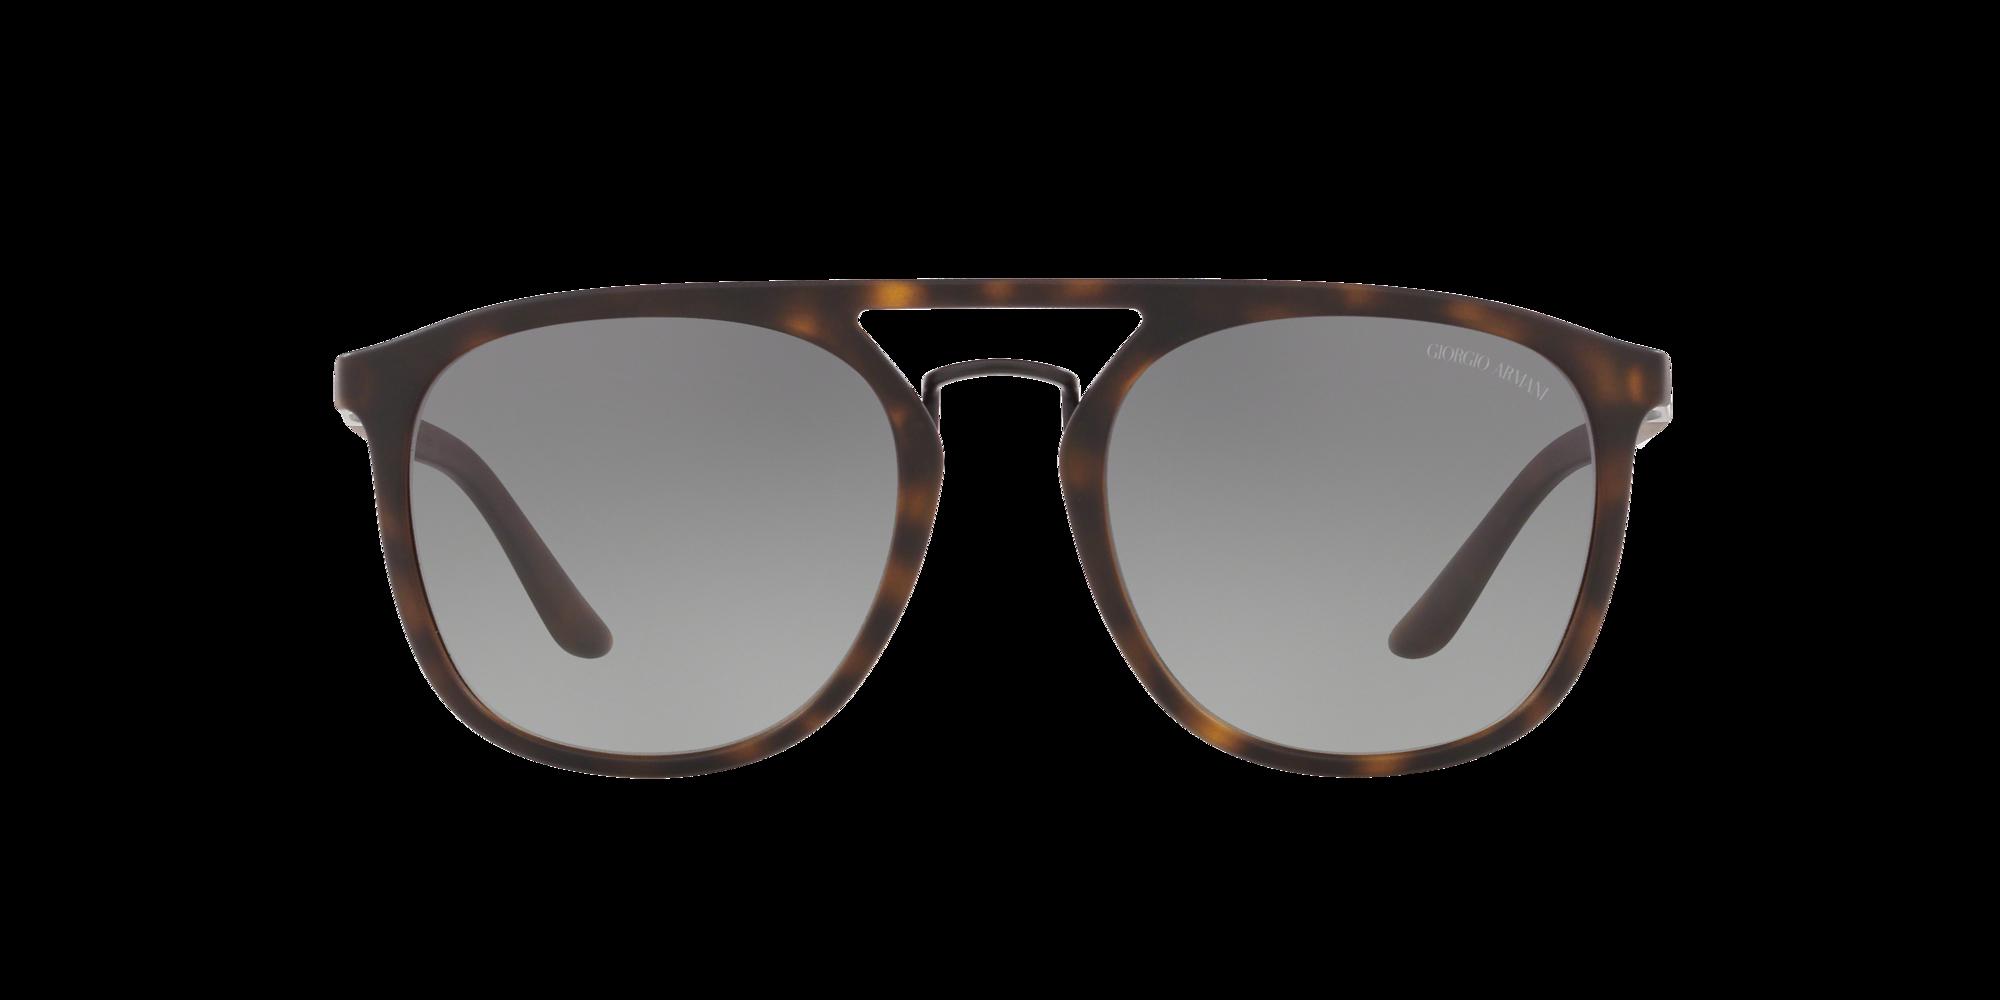 Imagen para AR8118 53 de LensCrafters |  Espejuelos, espejuelos graduados en línea, gafas